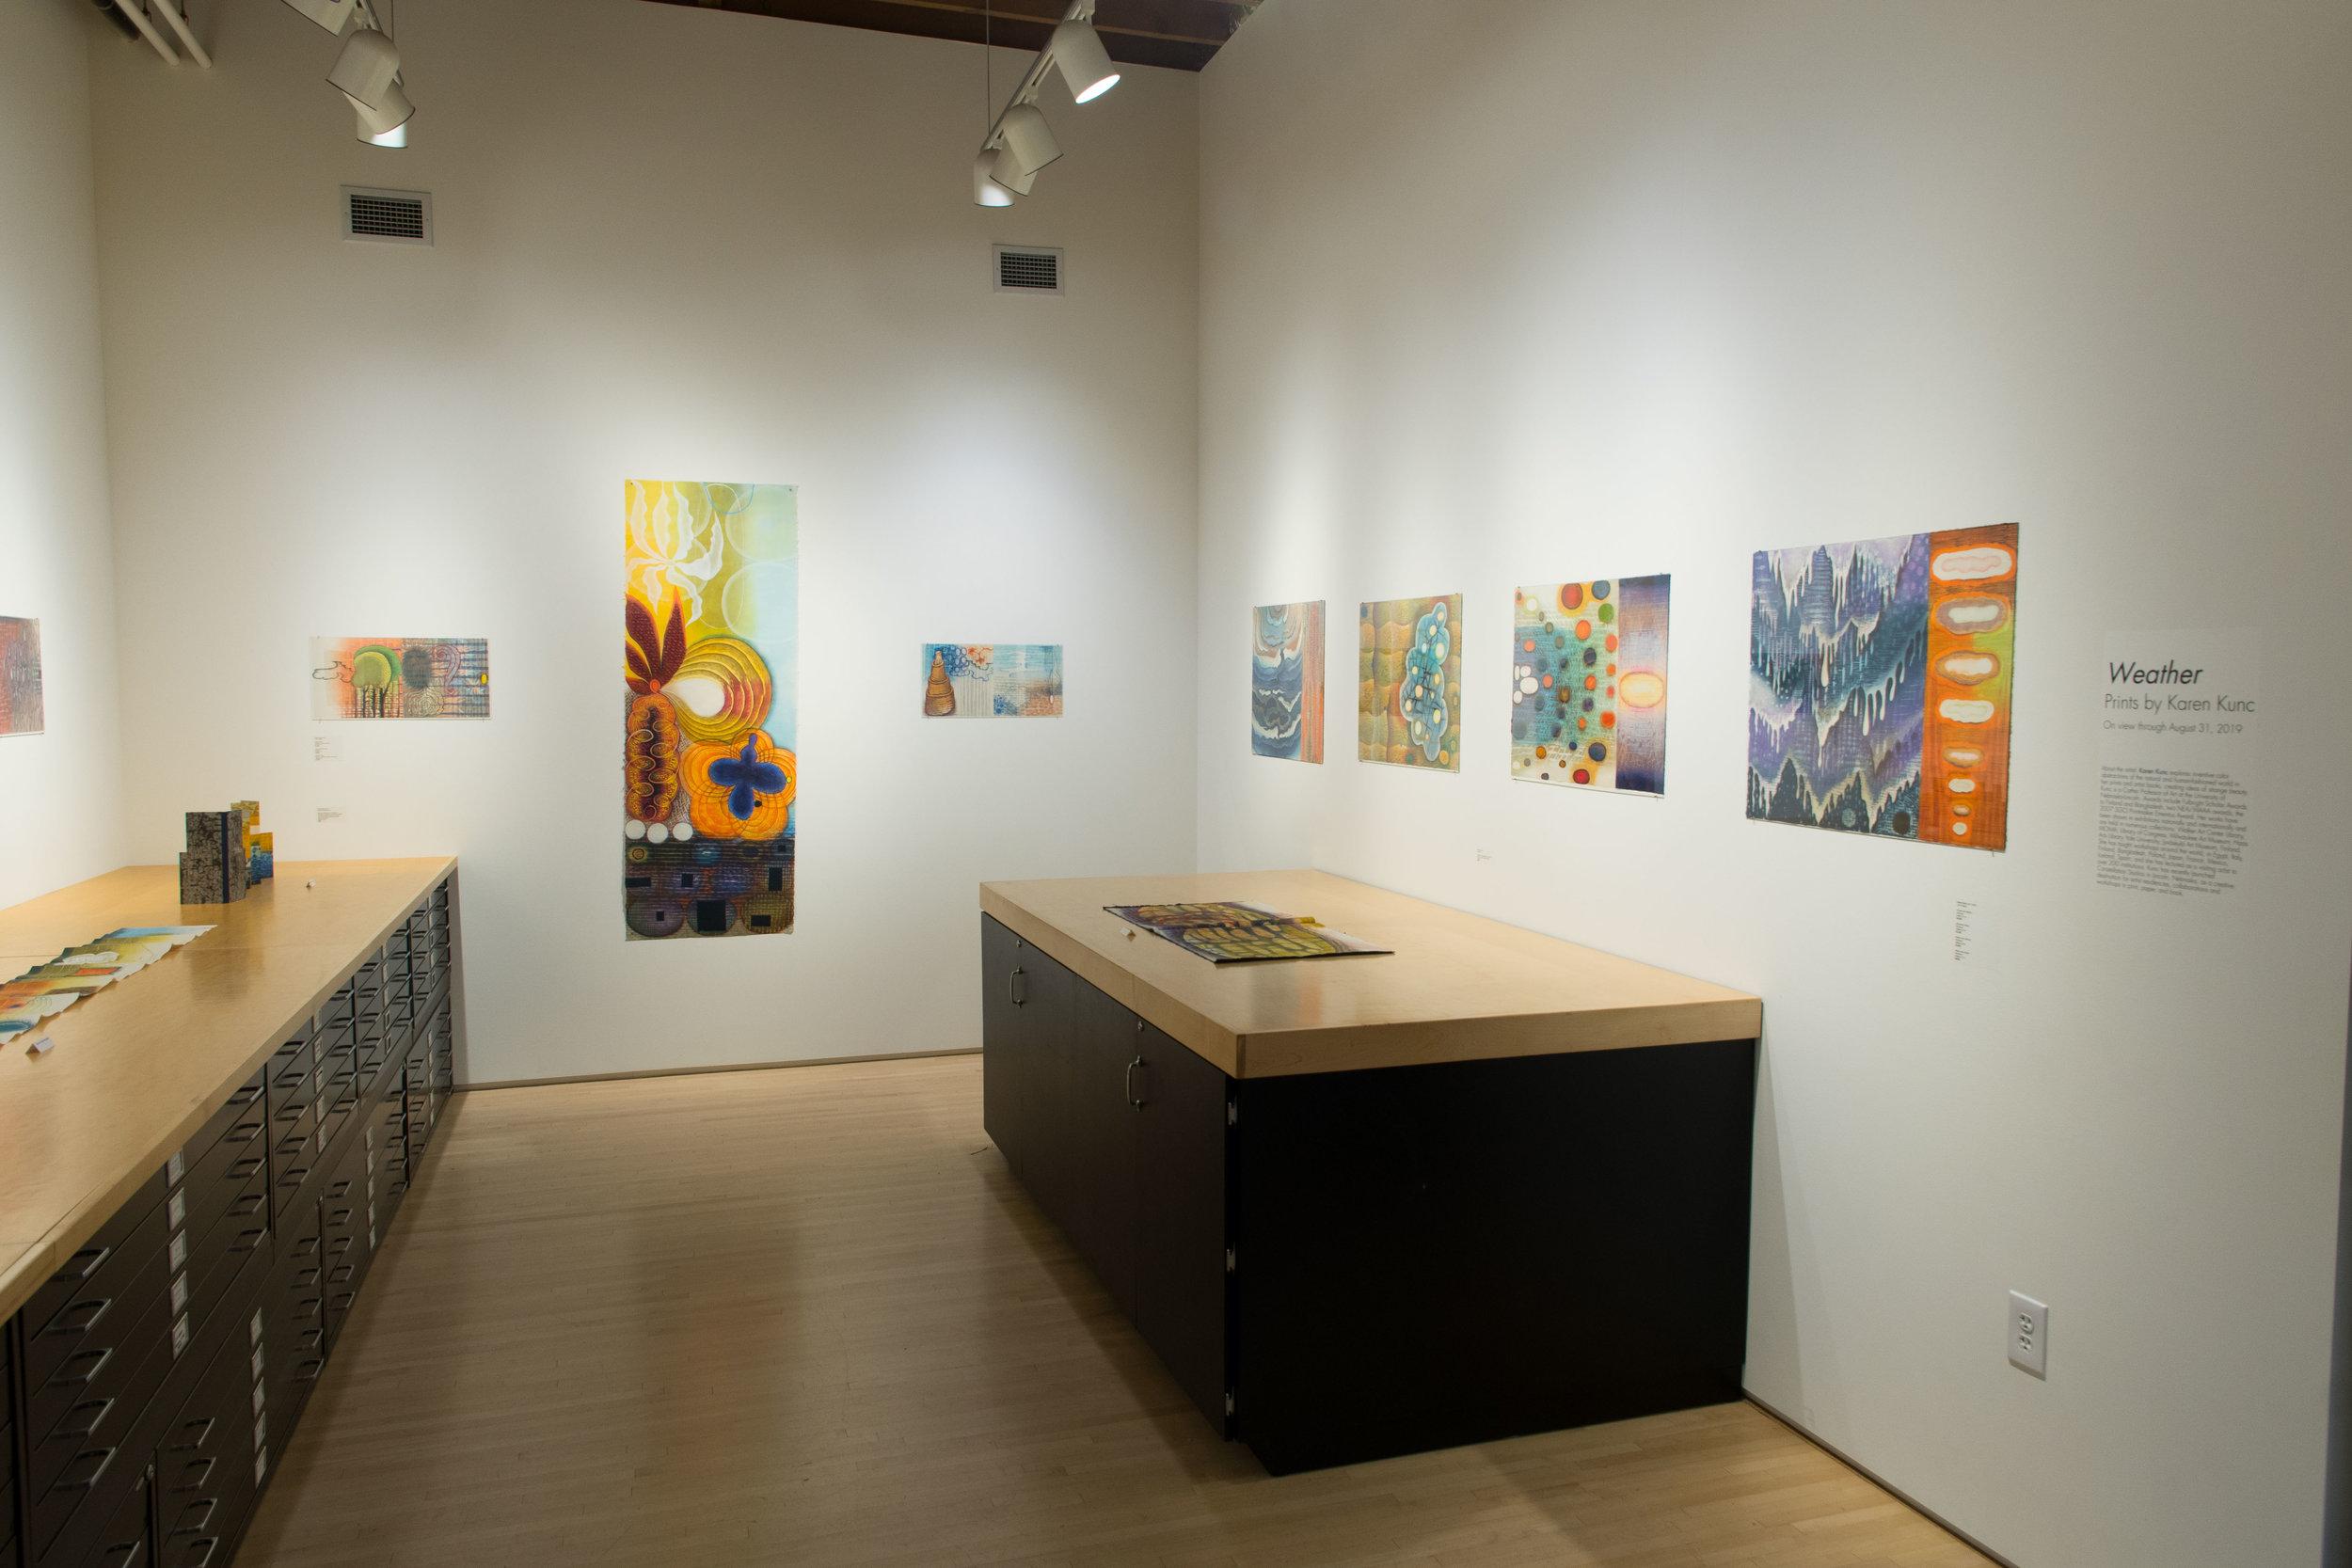 Highpoint ExhibitWeather by Karen Kunc190815a0042.JPG